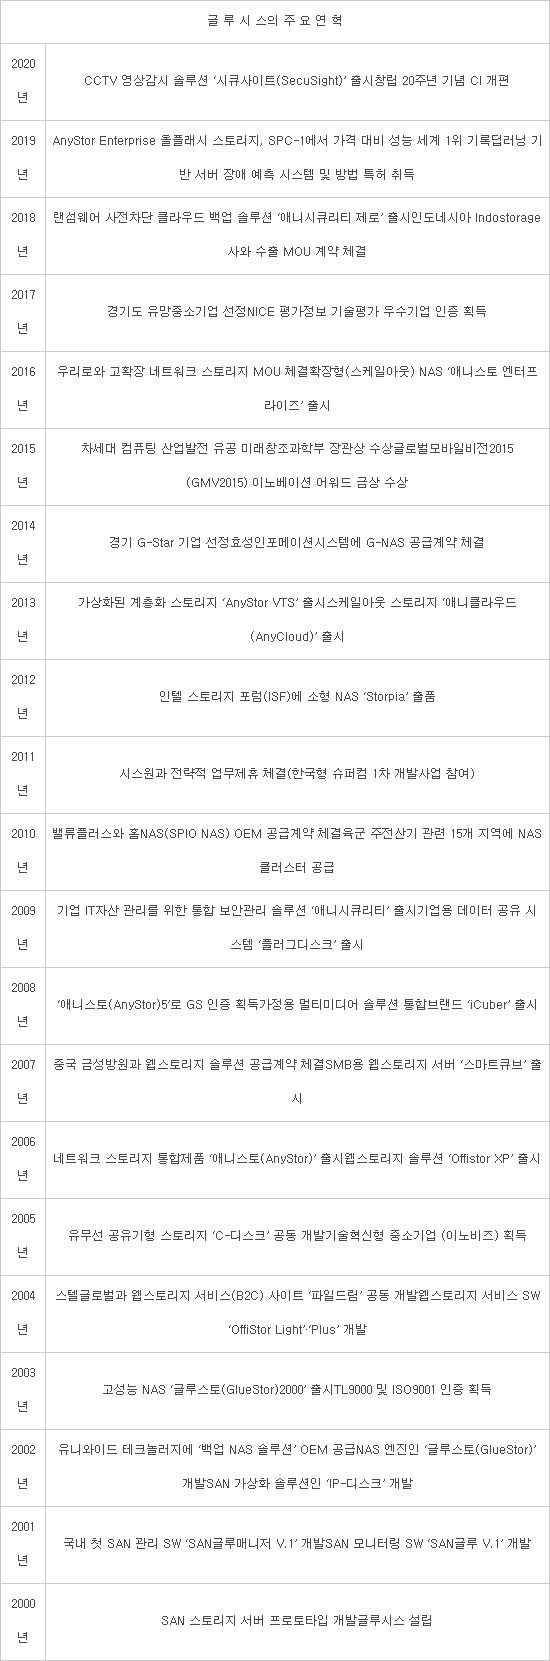 [기획]박성순 글루시스 대표, 20년간 국산 스토리지 시장 버팀목…SW 기반 스토리지 기업 재도약